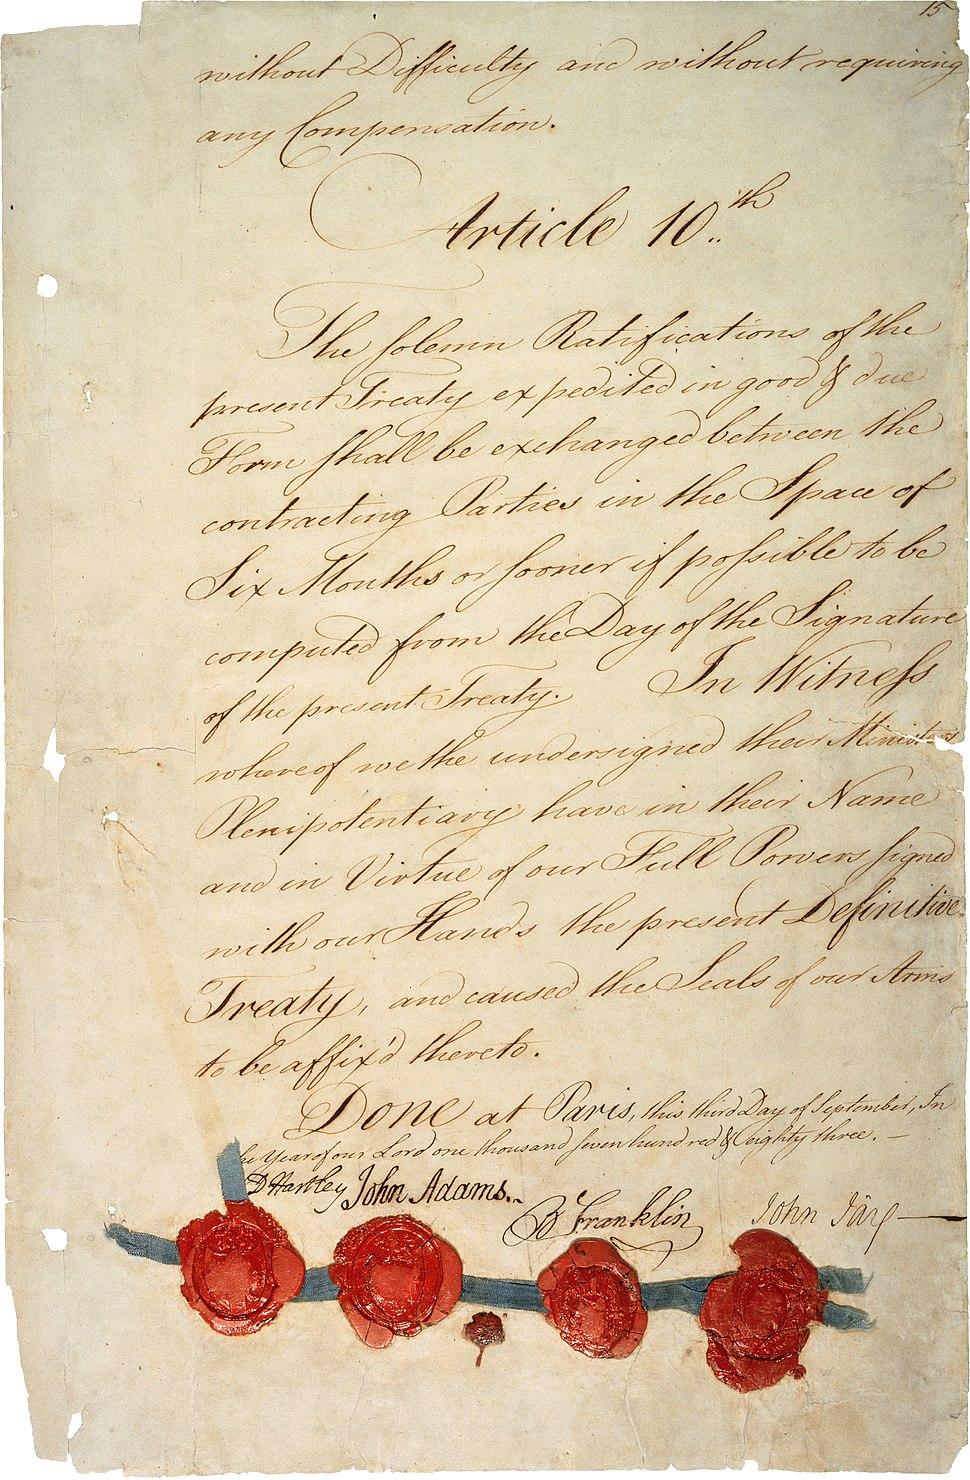 Treaty of Paris 1783 - last page (hi-res)